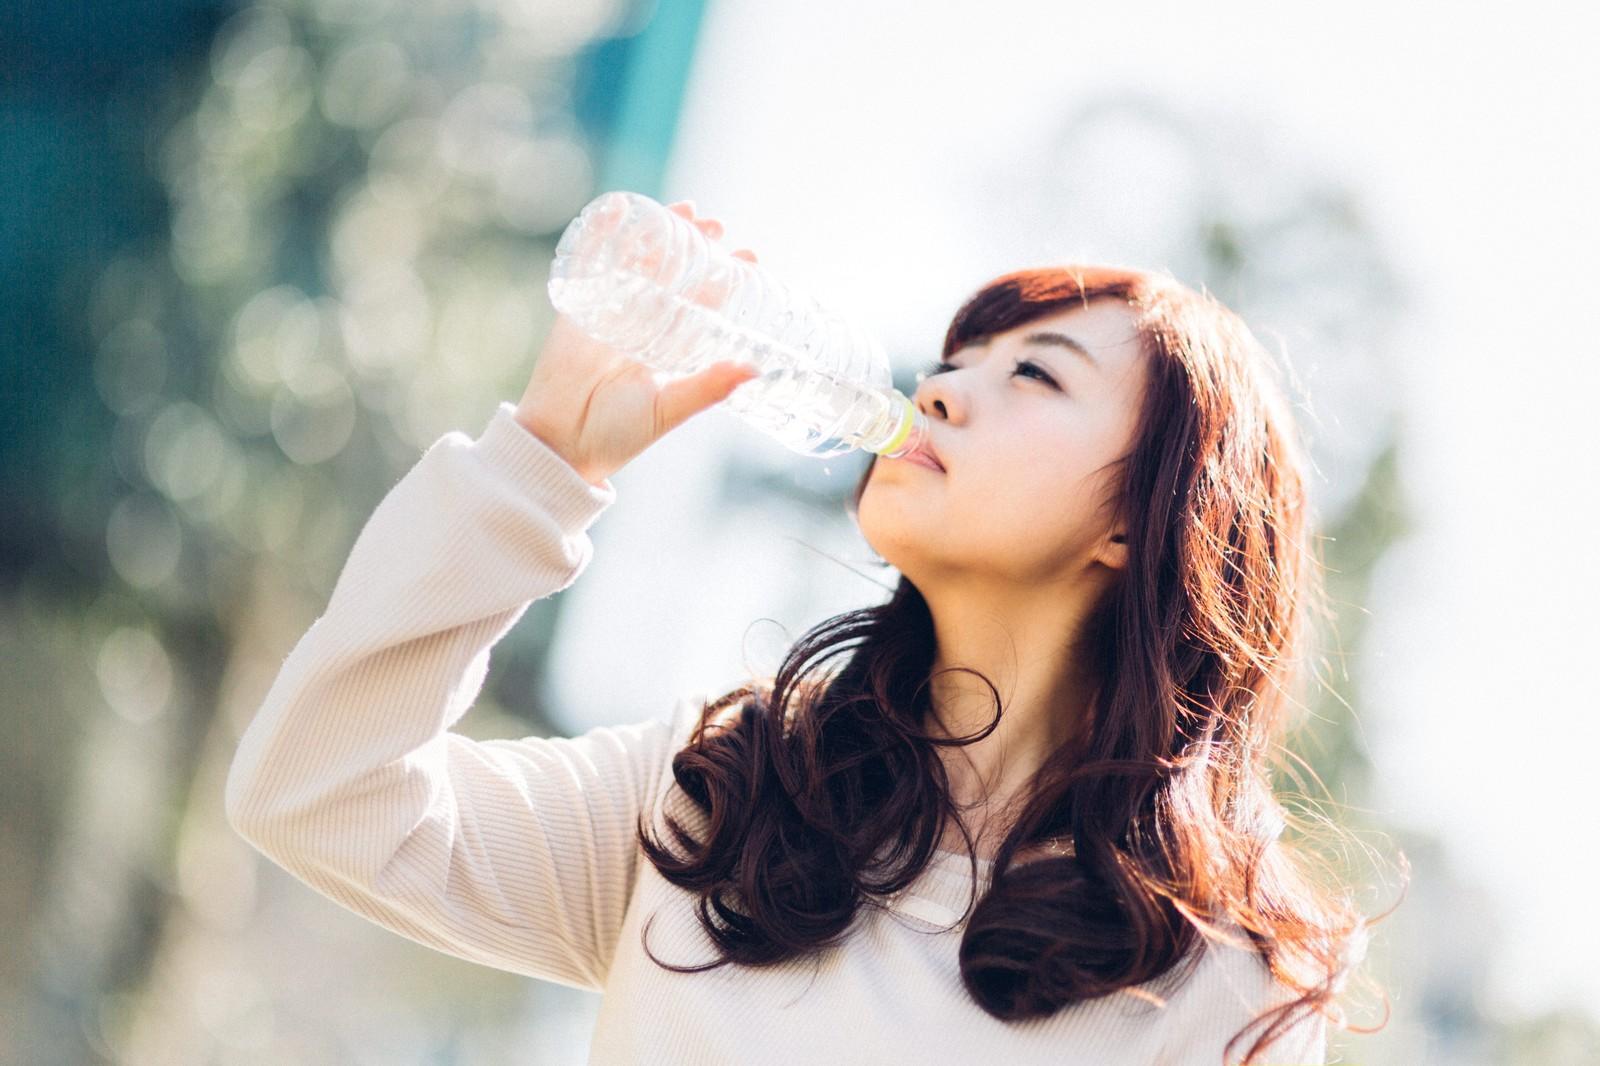 1日1食の実践と水分摂取の効果とは